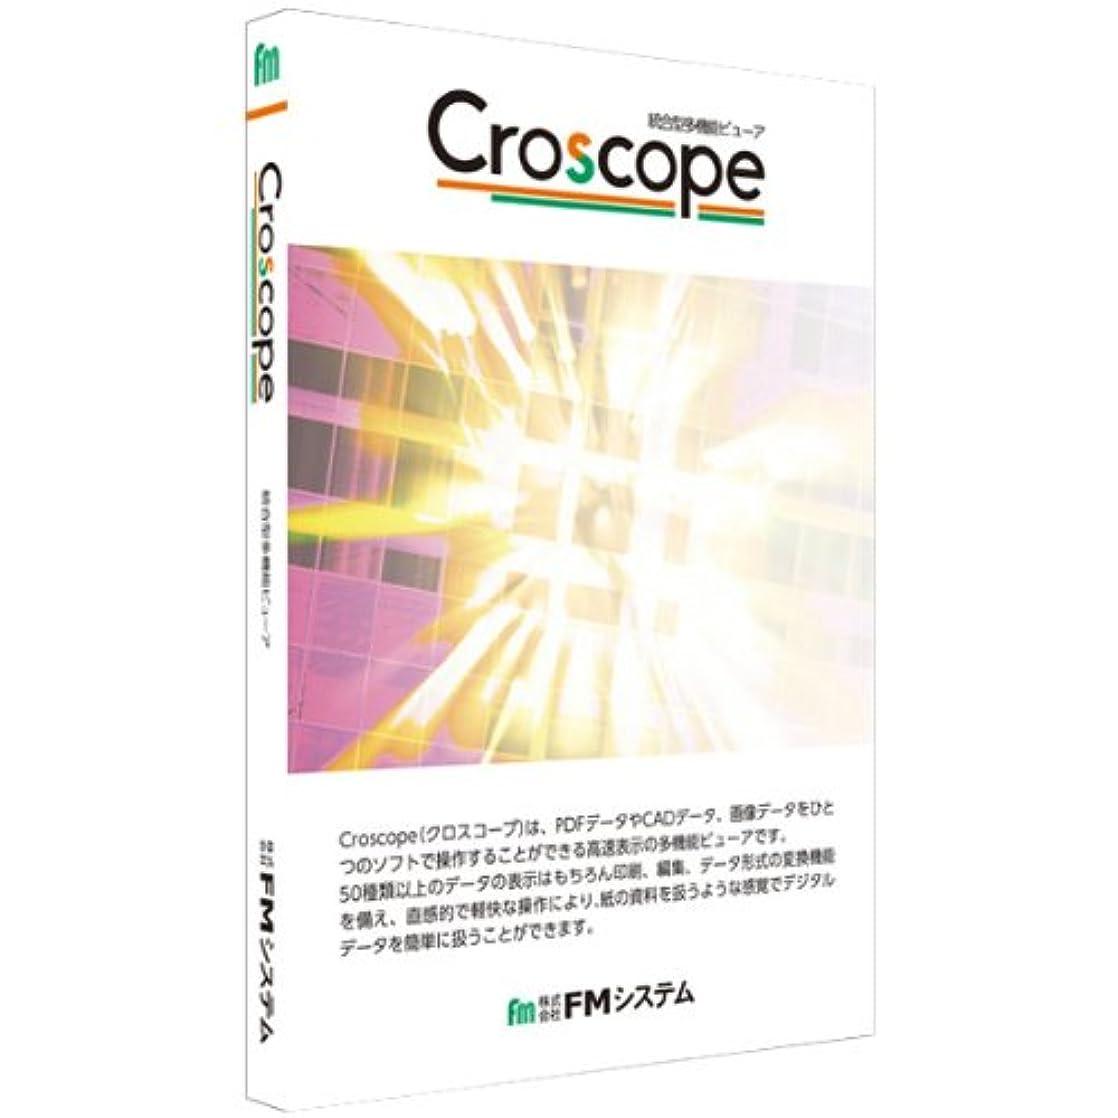 煙突漫画サークルFMシステム Croscope